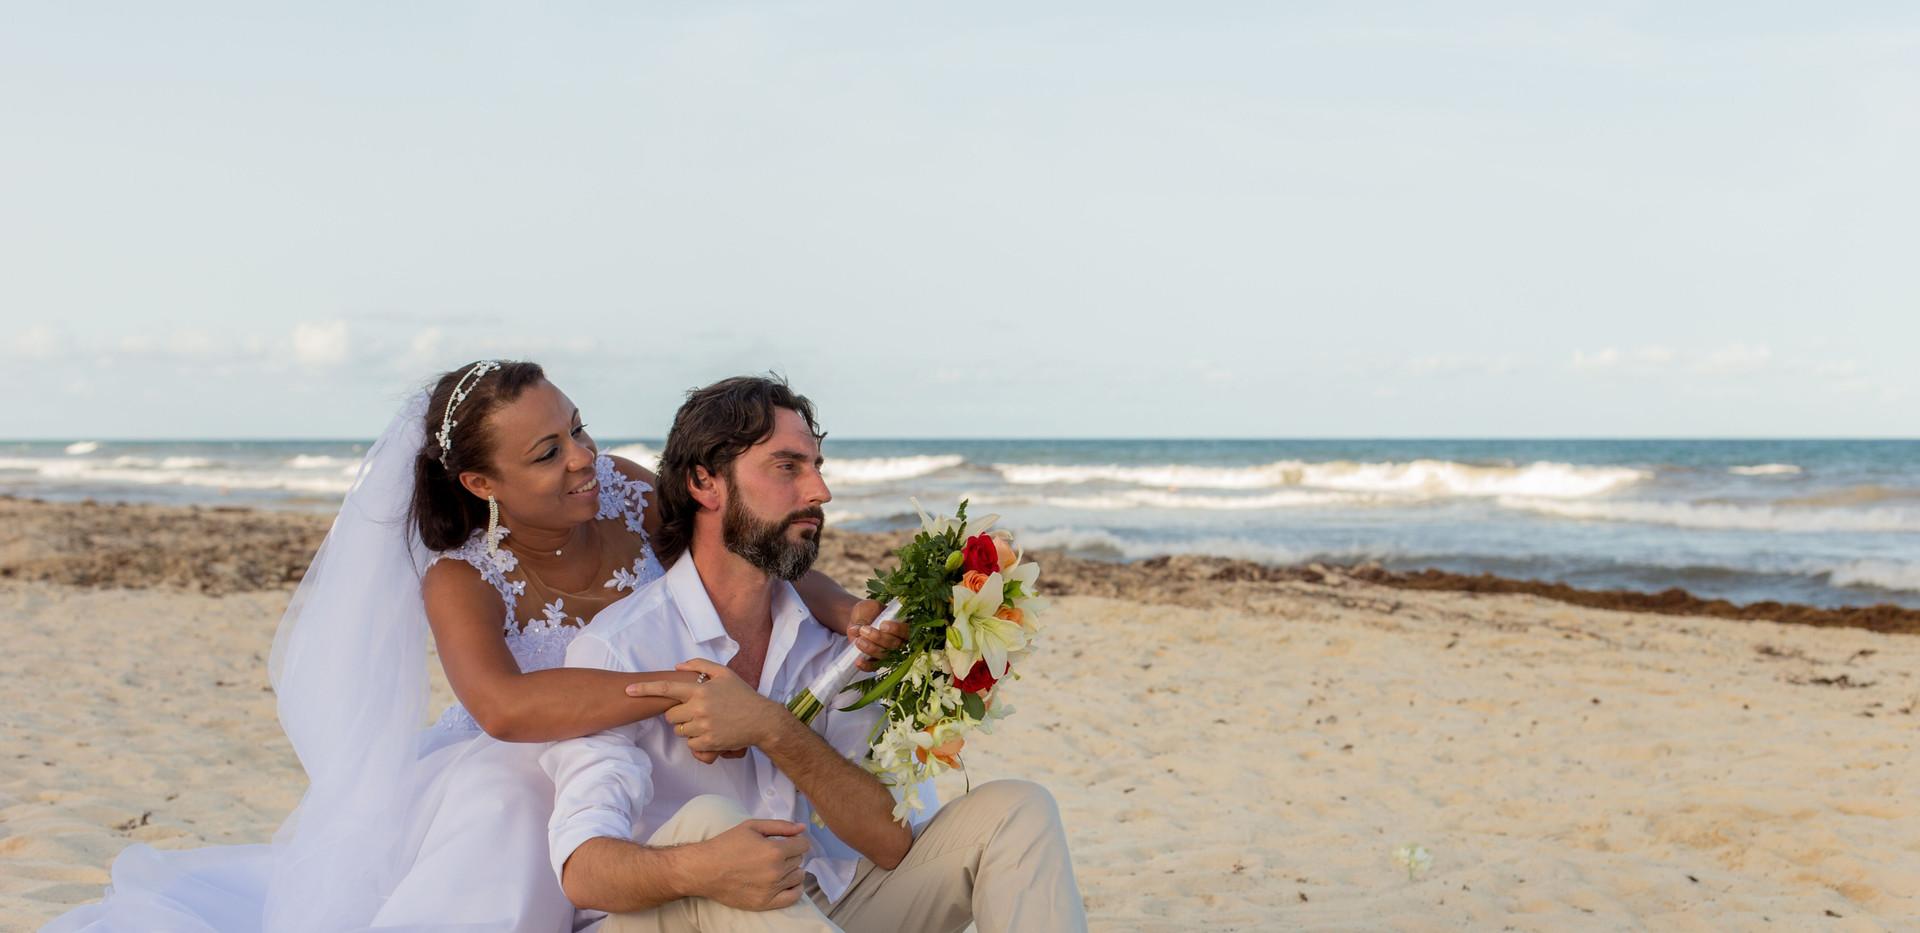 Vivi + Renato - Cancun